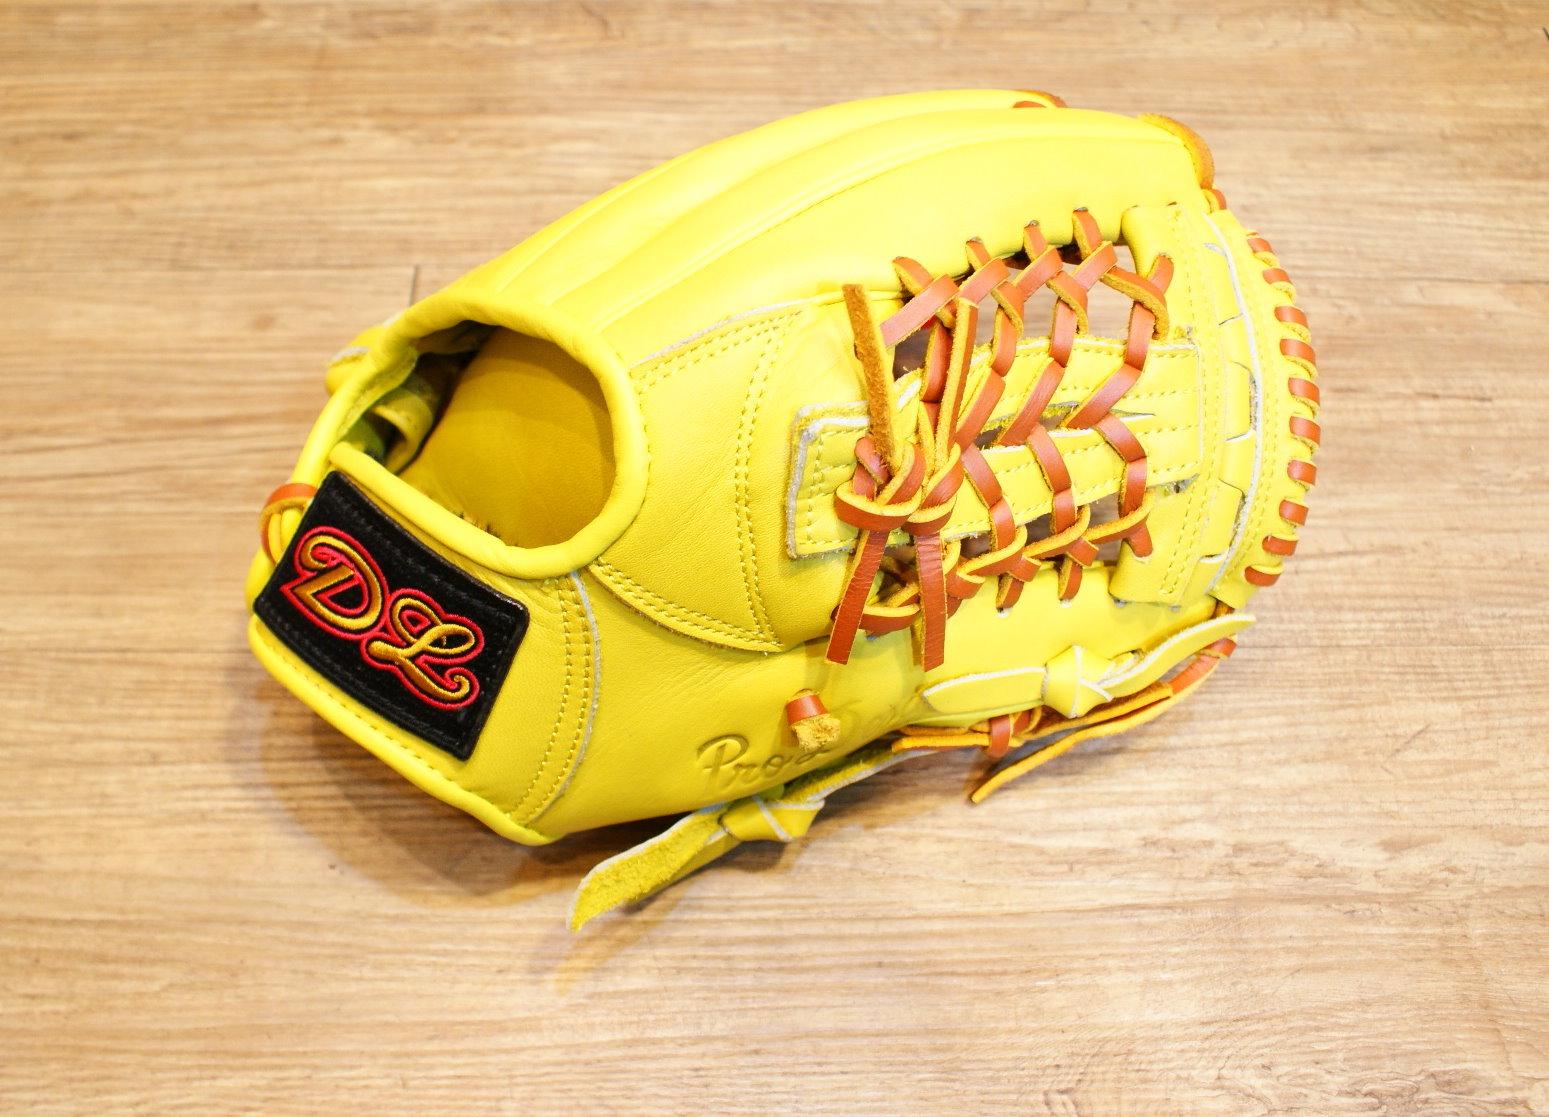 棒球世界14年DL新款內野棒球手套 黃色 特價 送皮革油